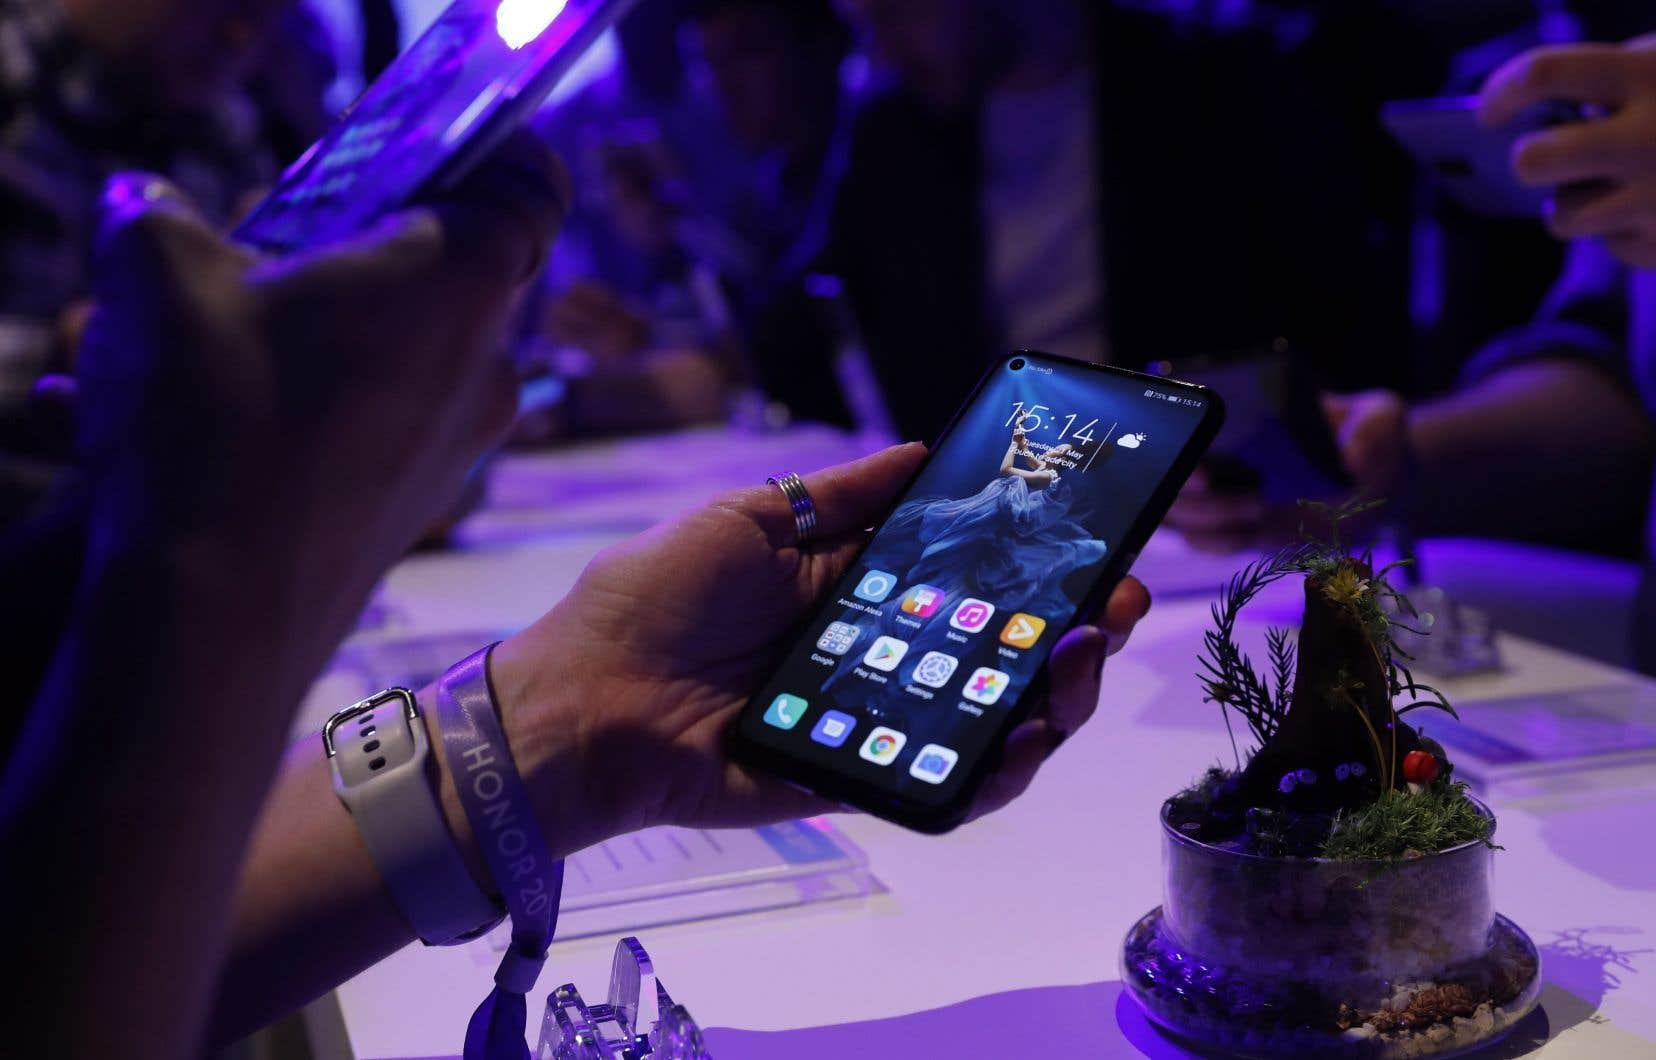 Le report des tarifs douaniers touche les téléphones intelligents, les ordinateurs portables et autres consoles de jeux fabriqués en Chine.